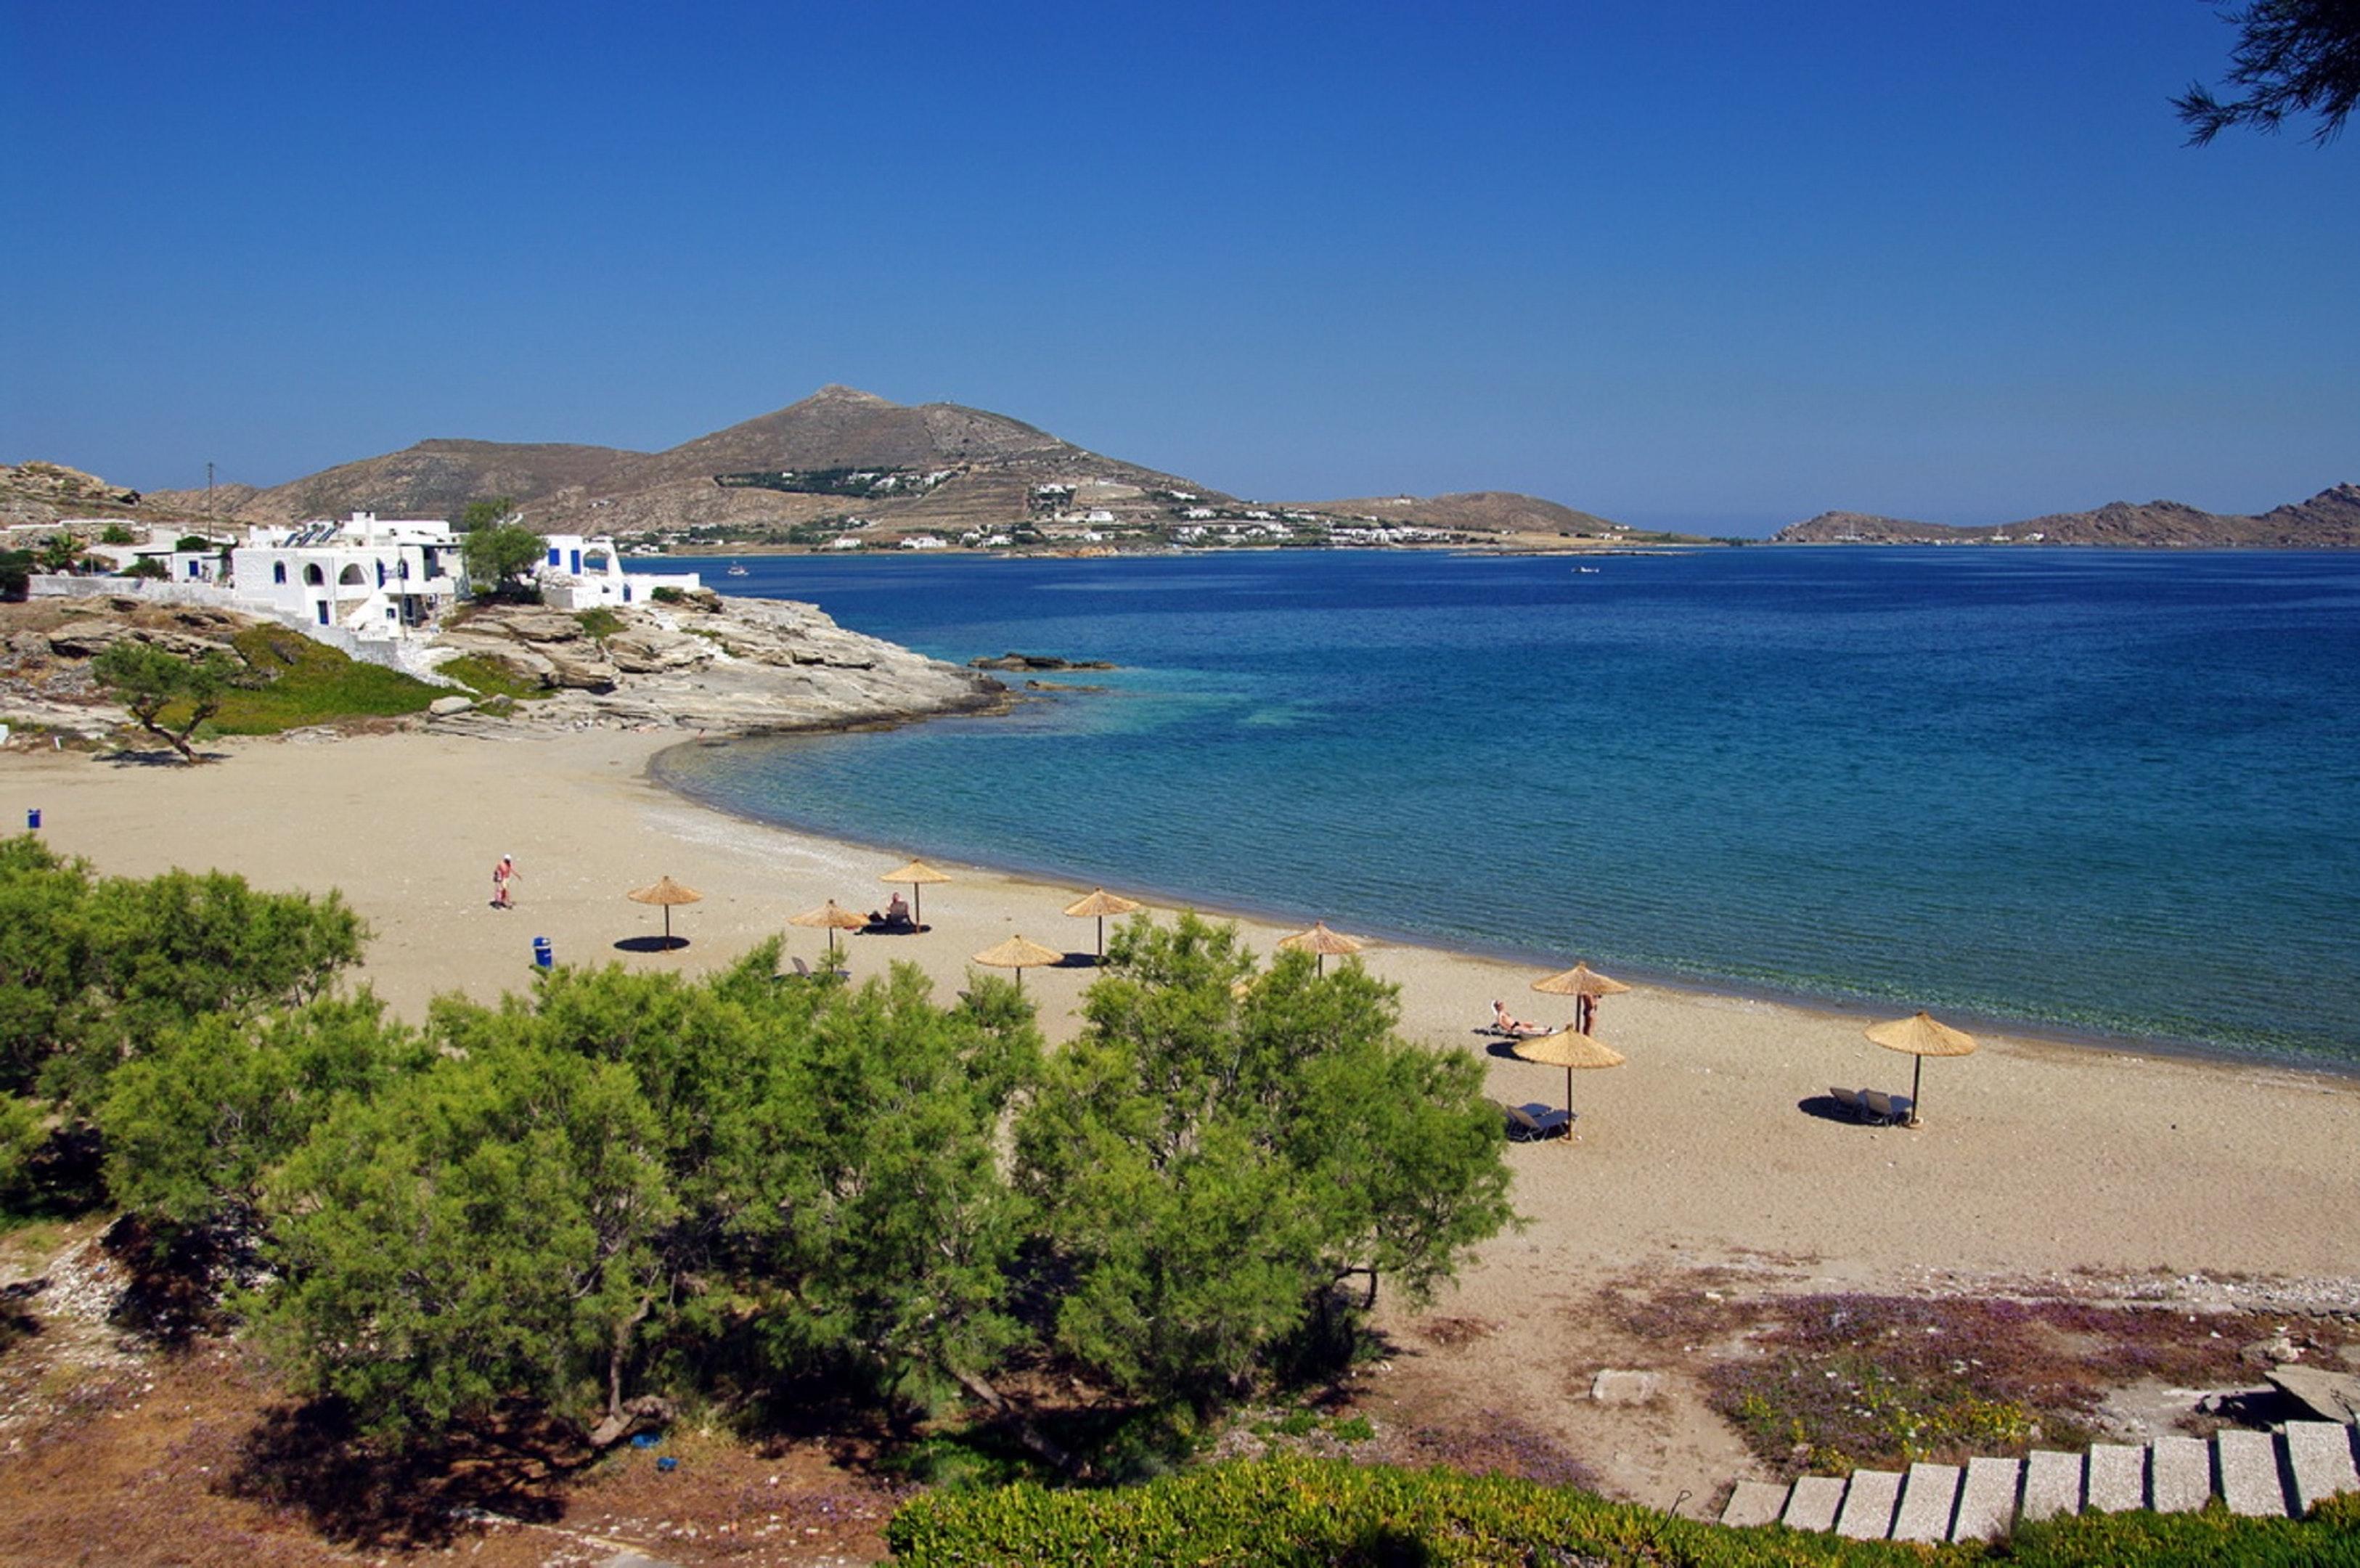 Holiday house Villa mit 2 Schlafzimmern in Paros mit herrlichem Meerblick, Pool, Terrasse (2201782), Paros, Paros, Cyclades, Greece, picture 21